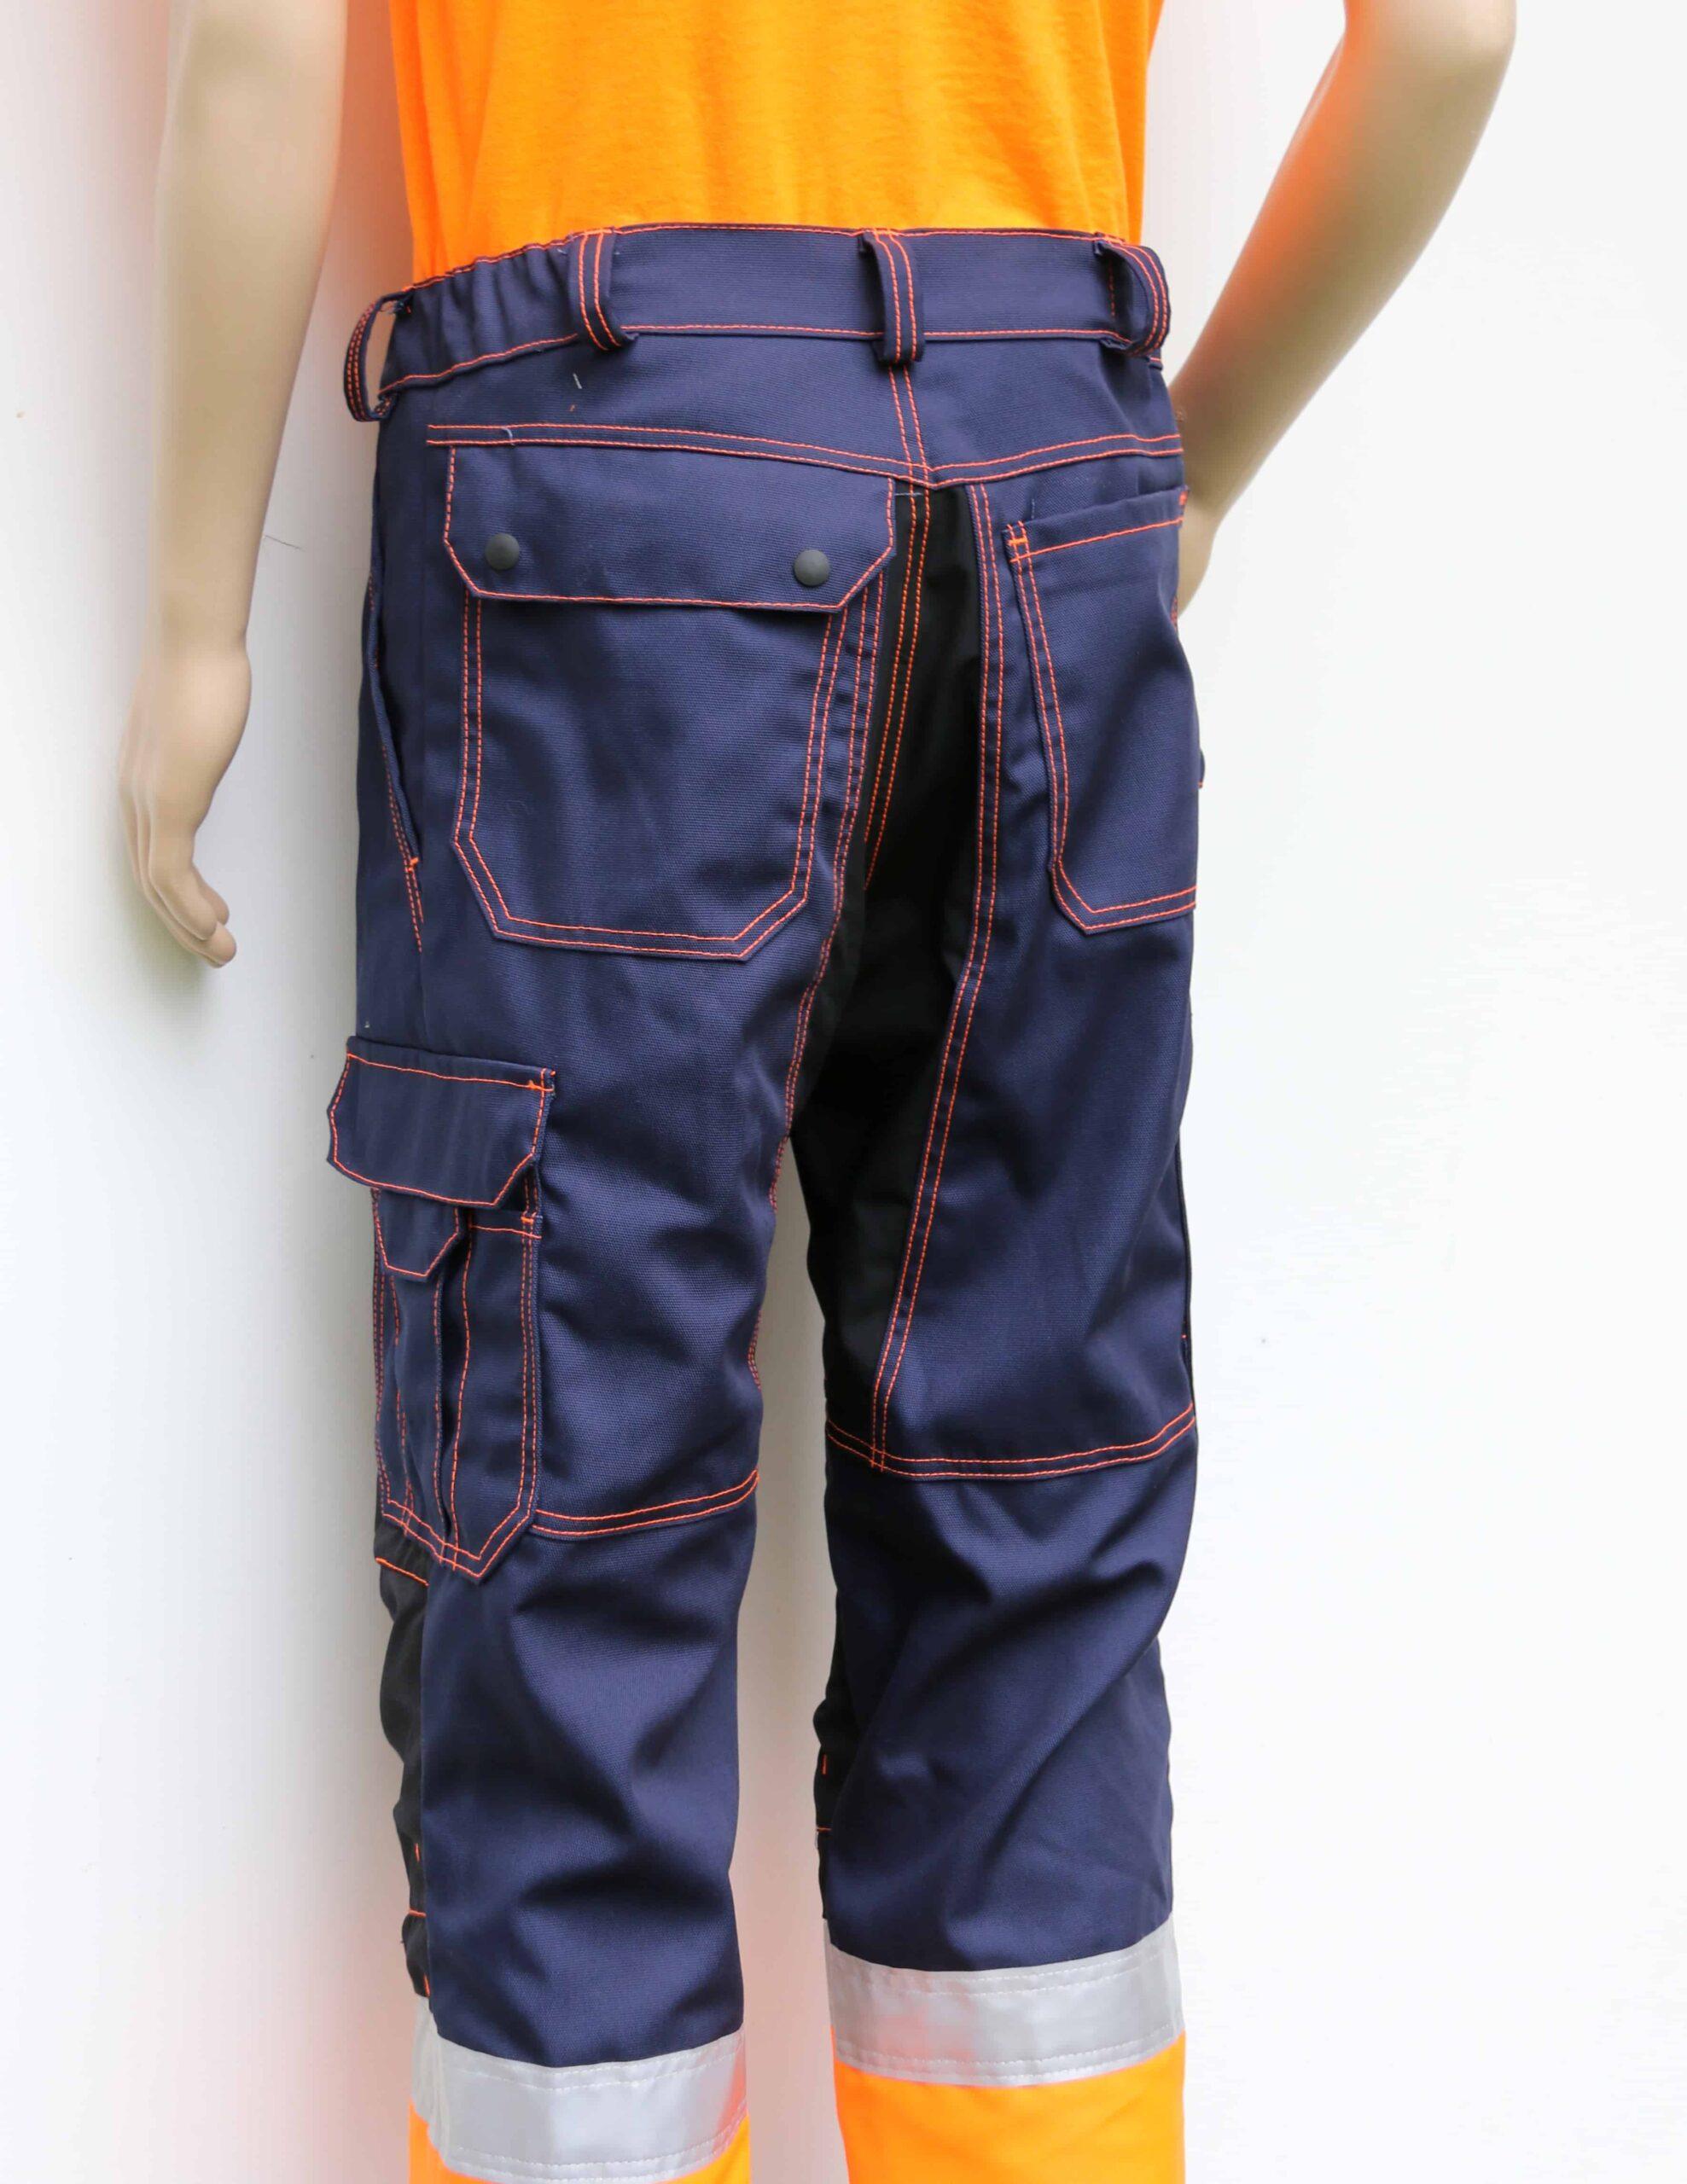 Multinorm sädemekindlad püksid FLAM 10